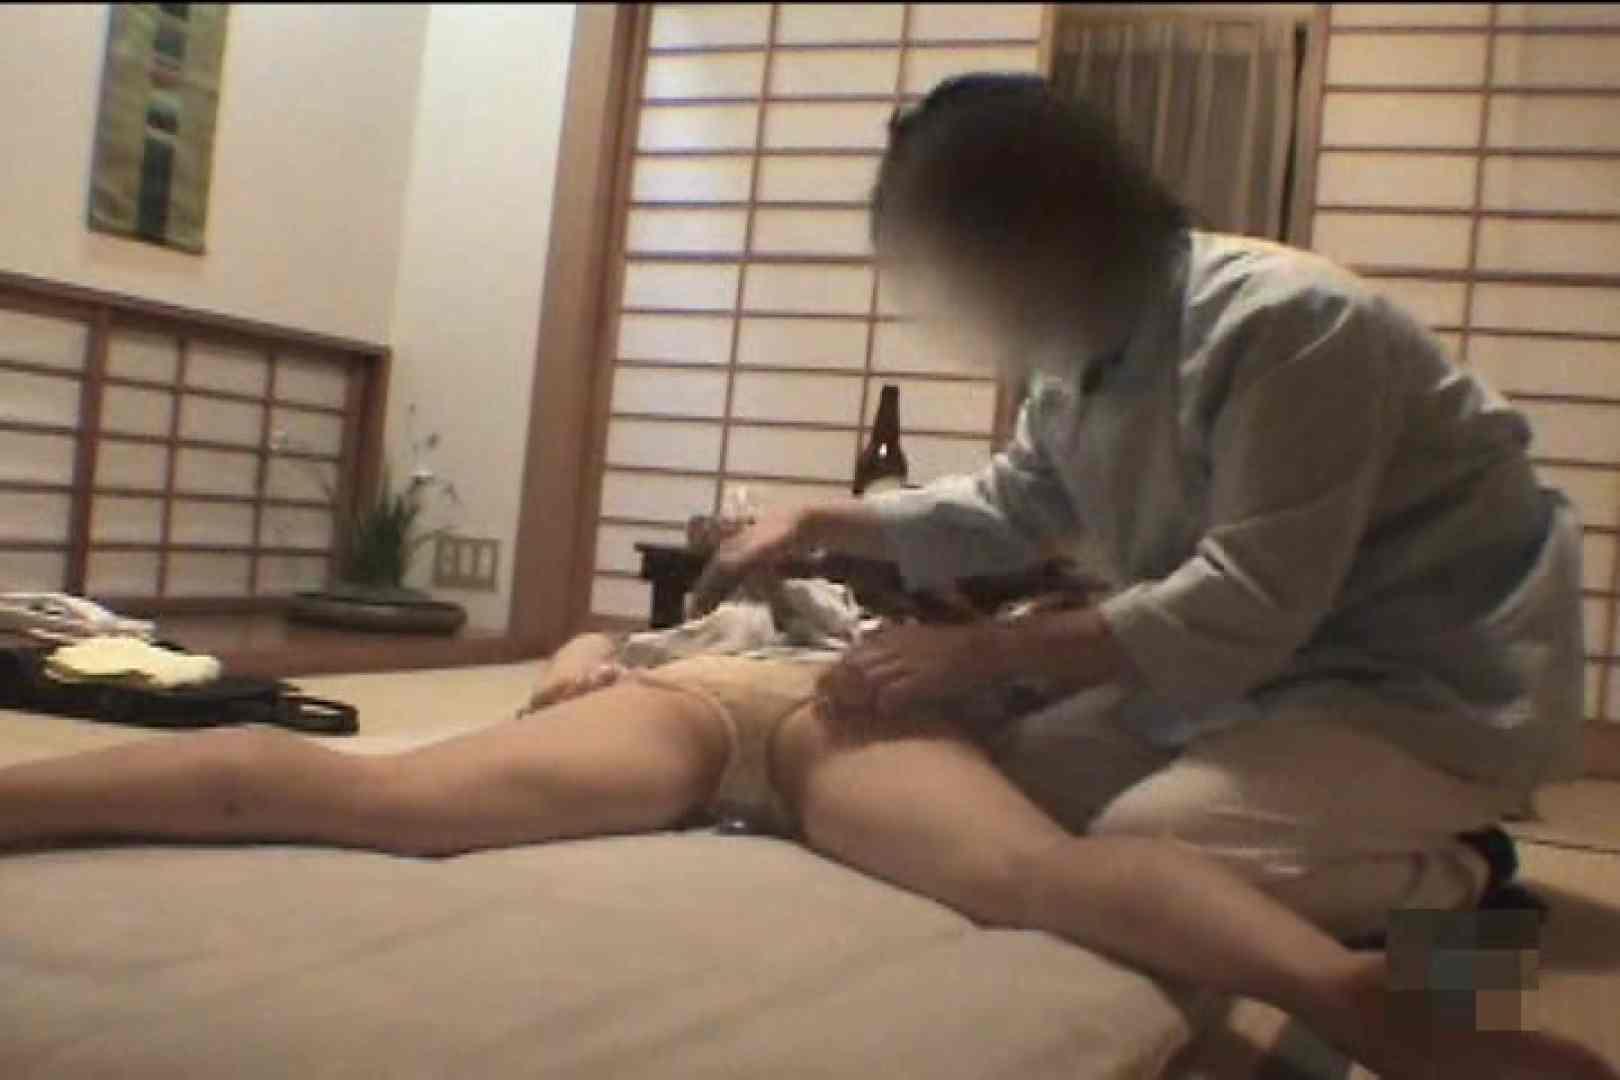 女性専用会員制風俗の実態!!Vol.6 性欲 覗きぱこり動画紹介 98画像 63